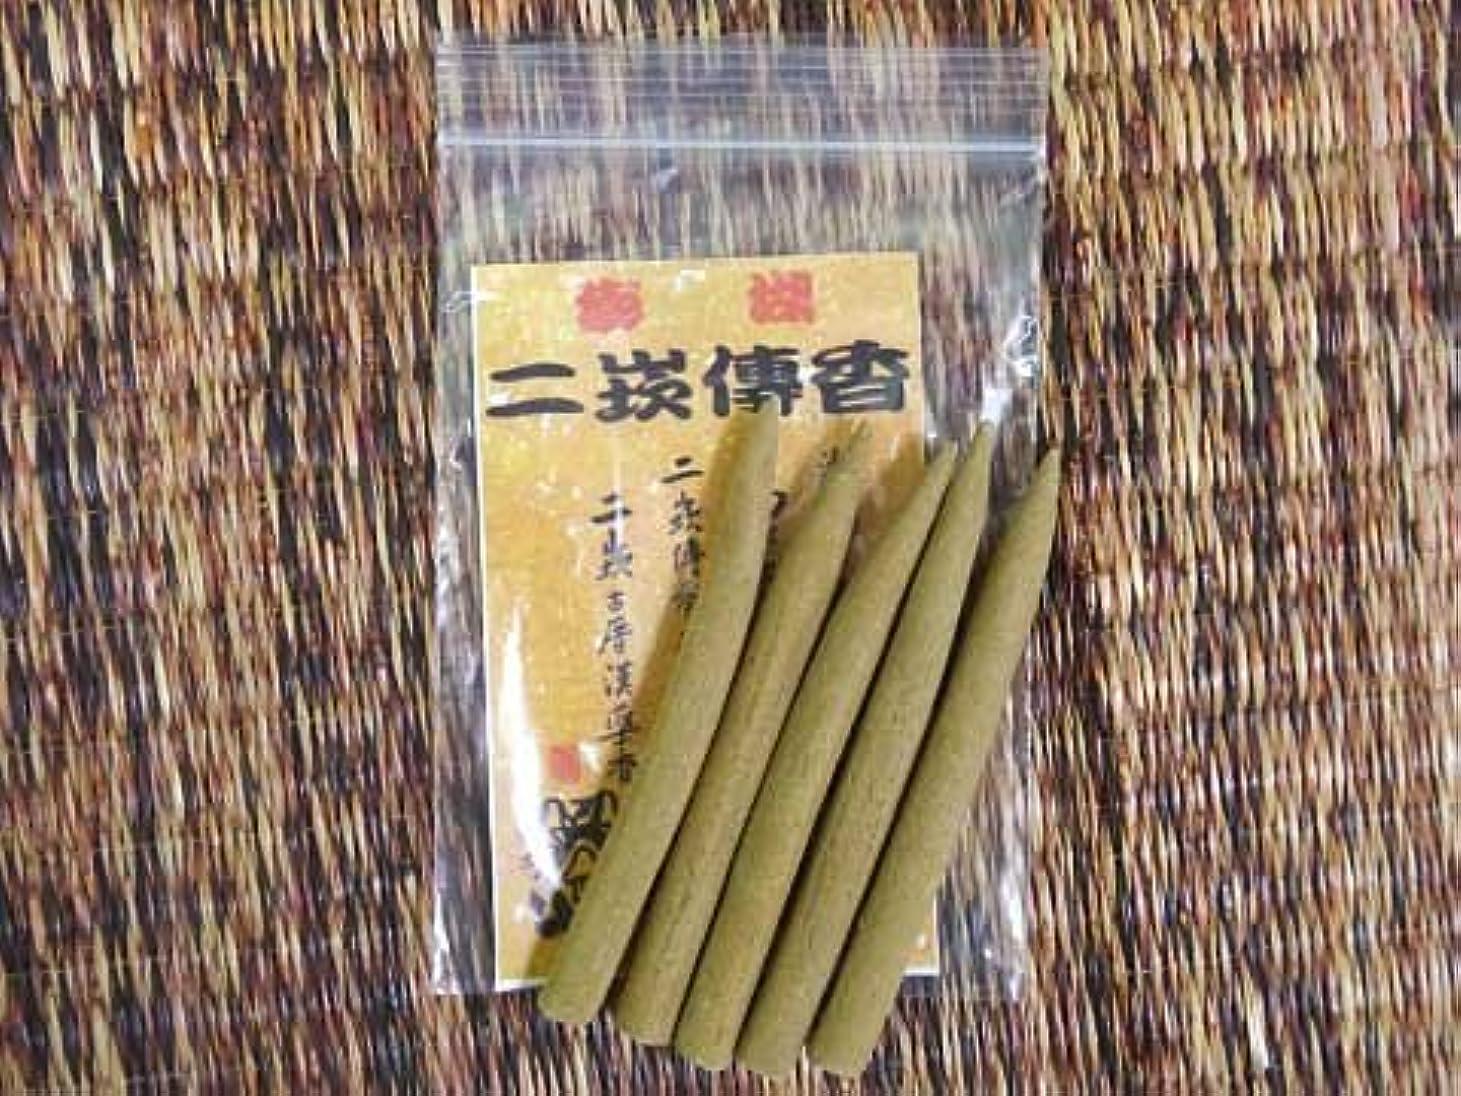 症状刺激する着実にニガンハクコウ 【二 傳香(大)】台湾は澎湖島でのみ作られている伝統的な魔除香